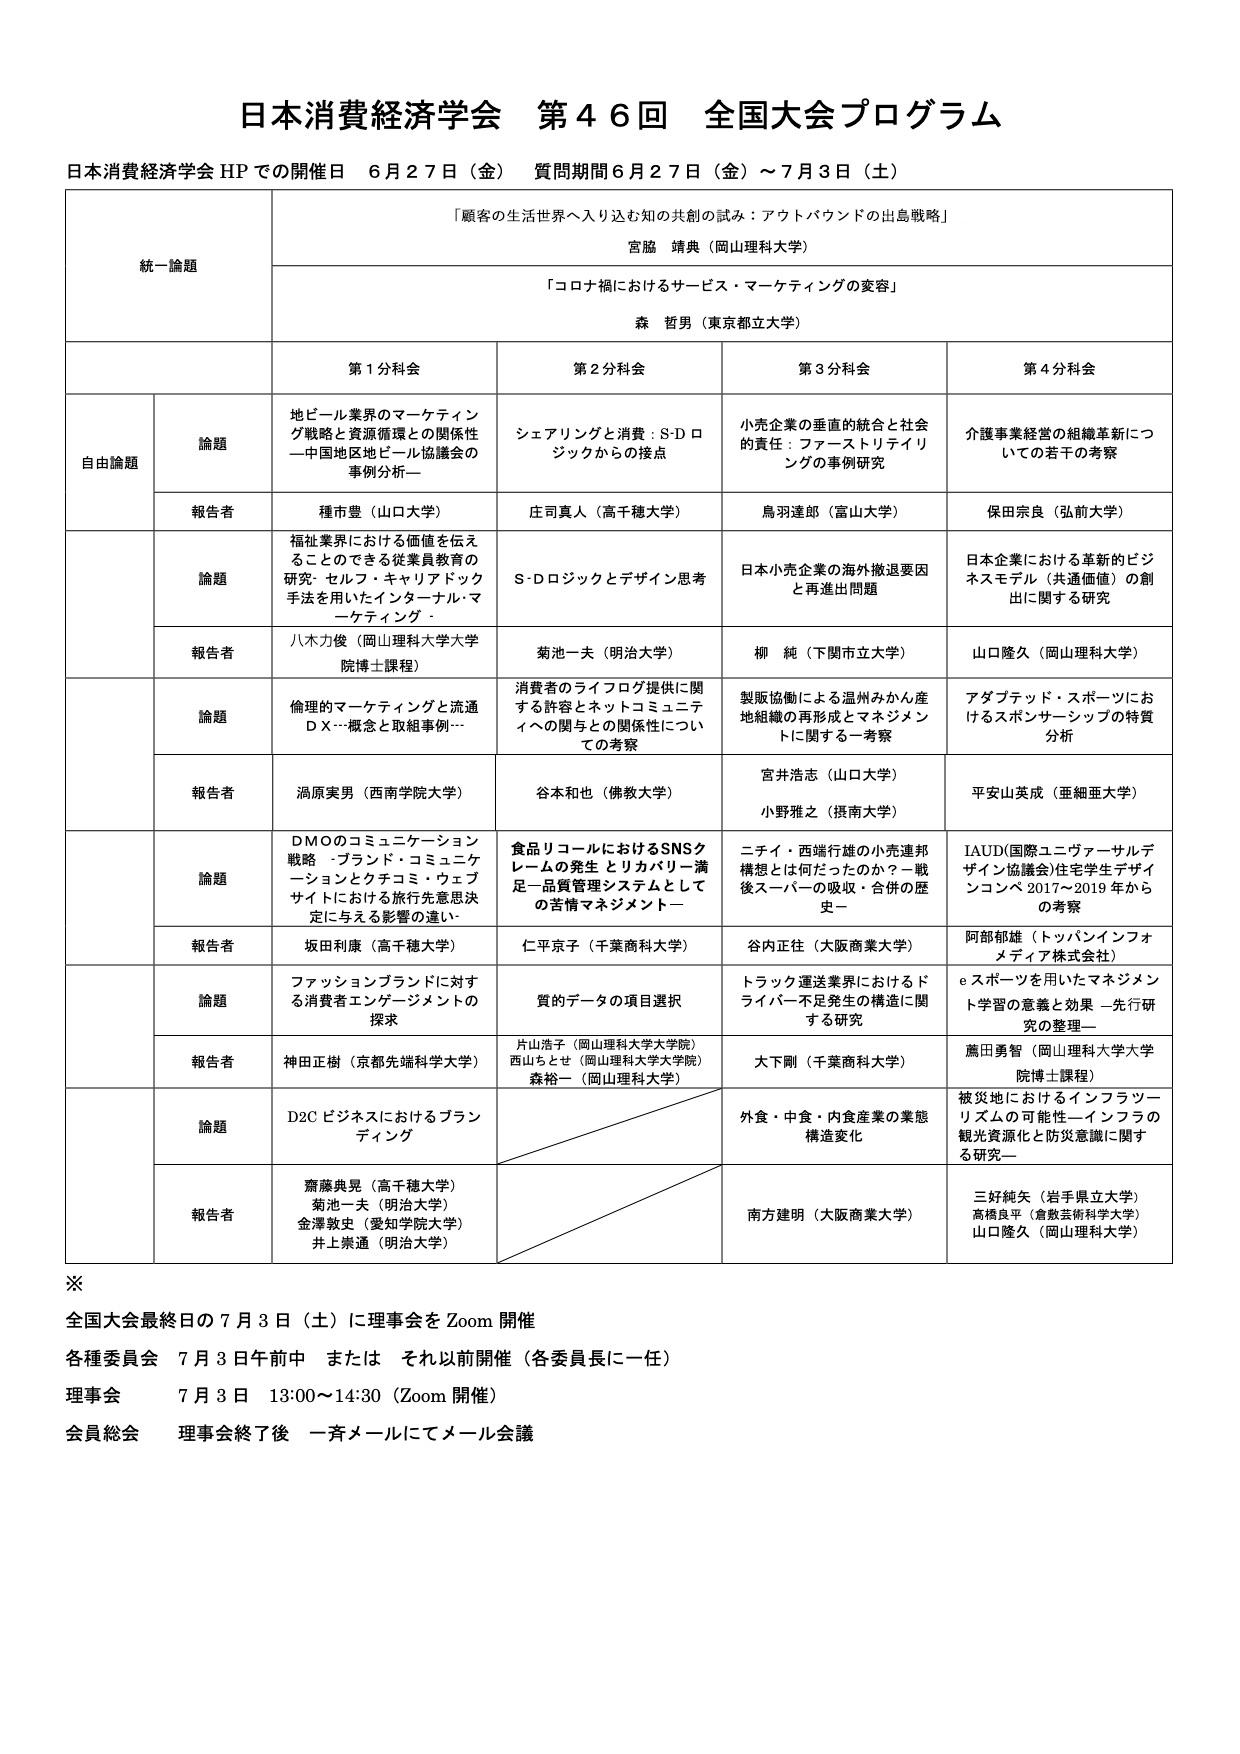 日本消費経済学会第46回全国大会